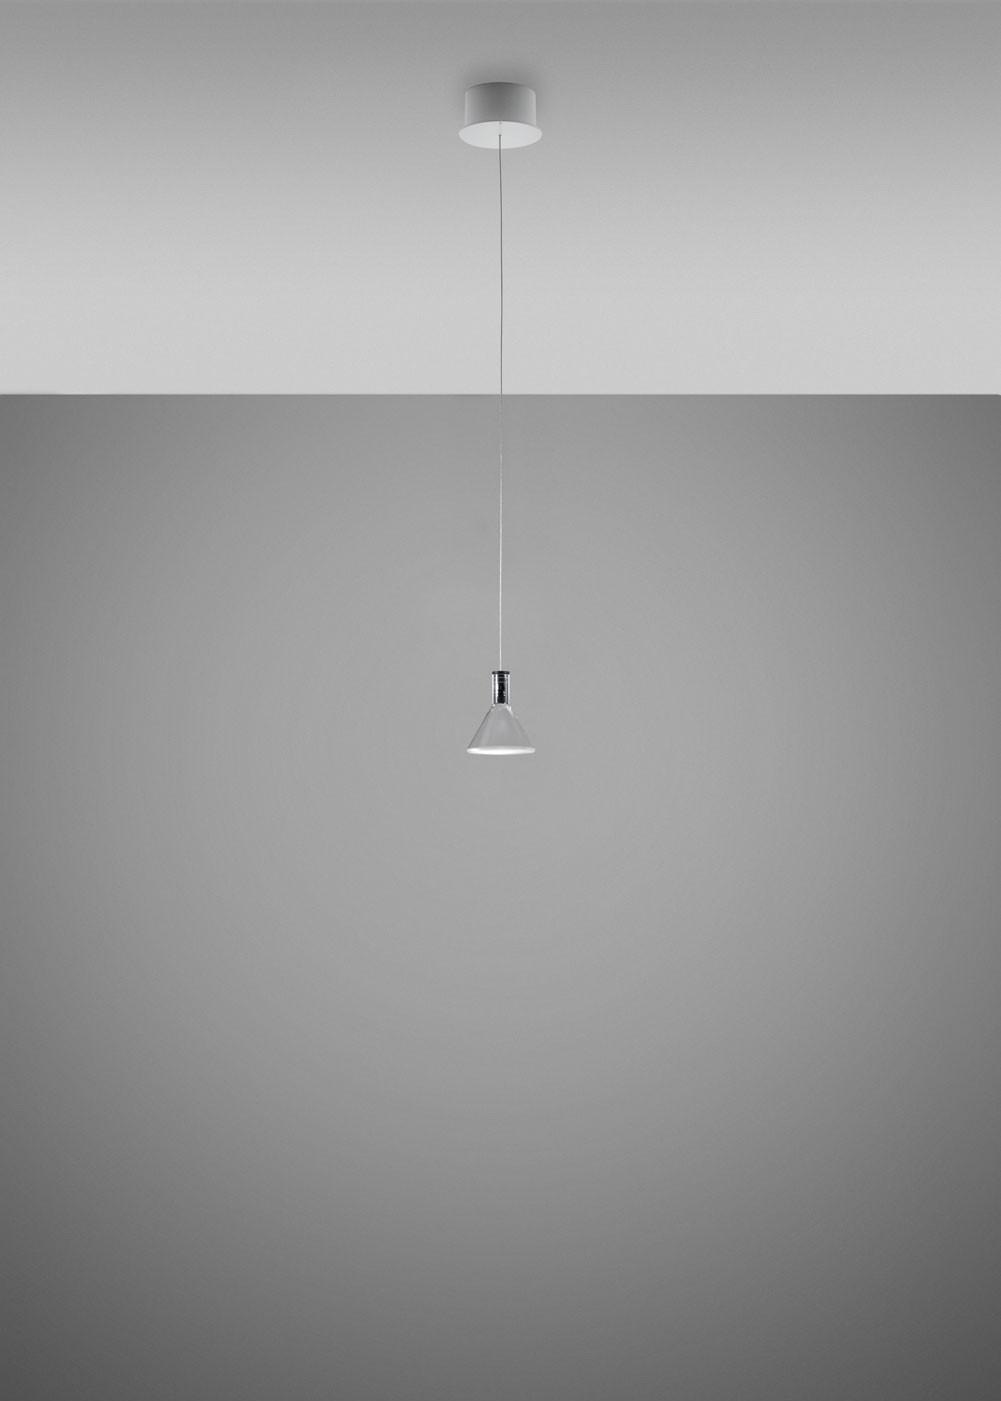 Multispot F32 A41 00 - Fabbian - lampa wisząca